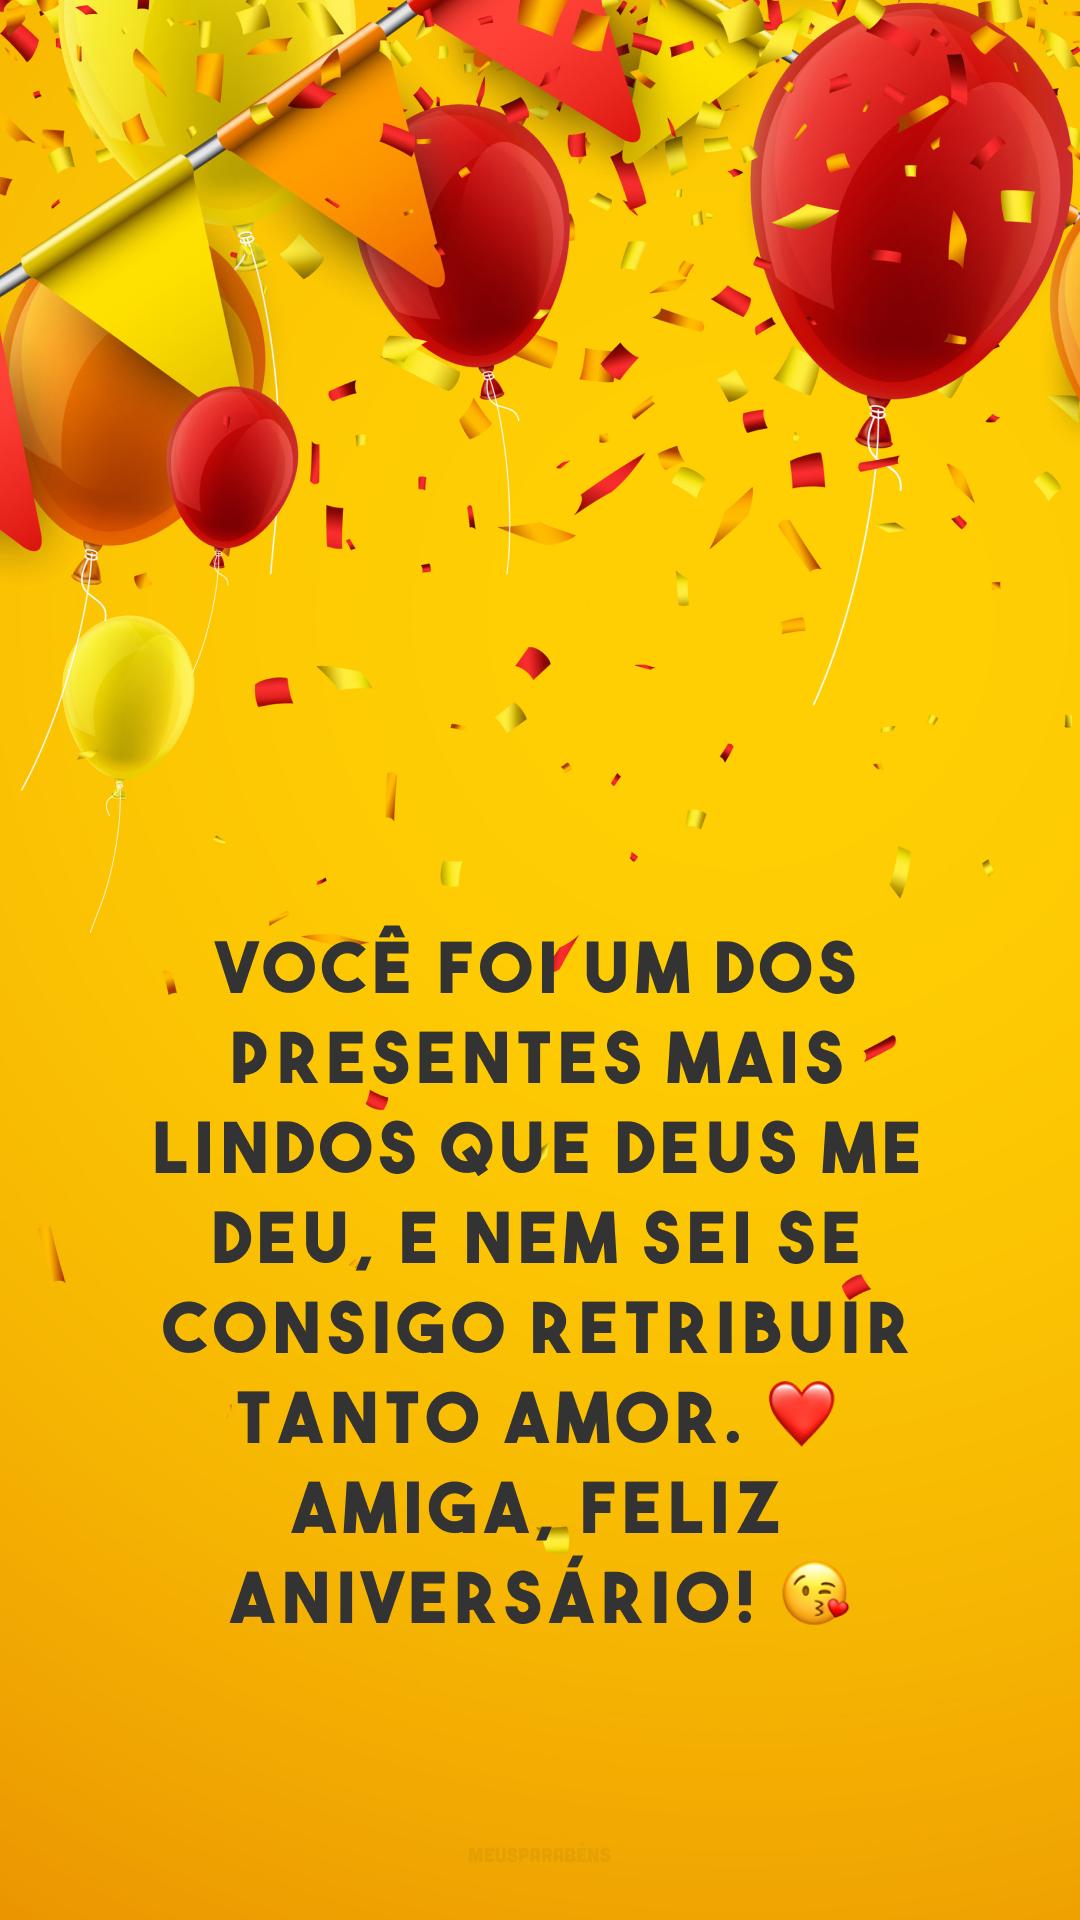 Você foi um dos presentes mais lindos que Deus me deu, e nem sei se consigo retribuir tanto amor. ❤ Amiga, feliz aniversário! 😘